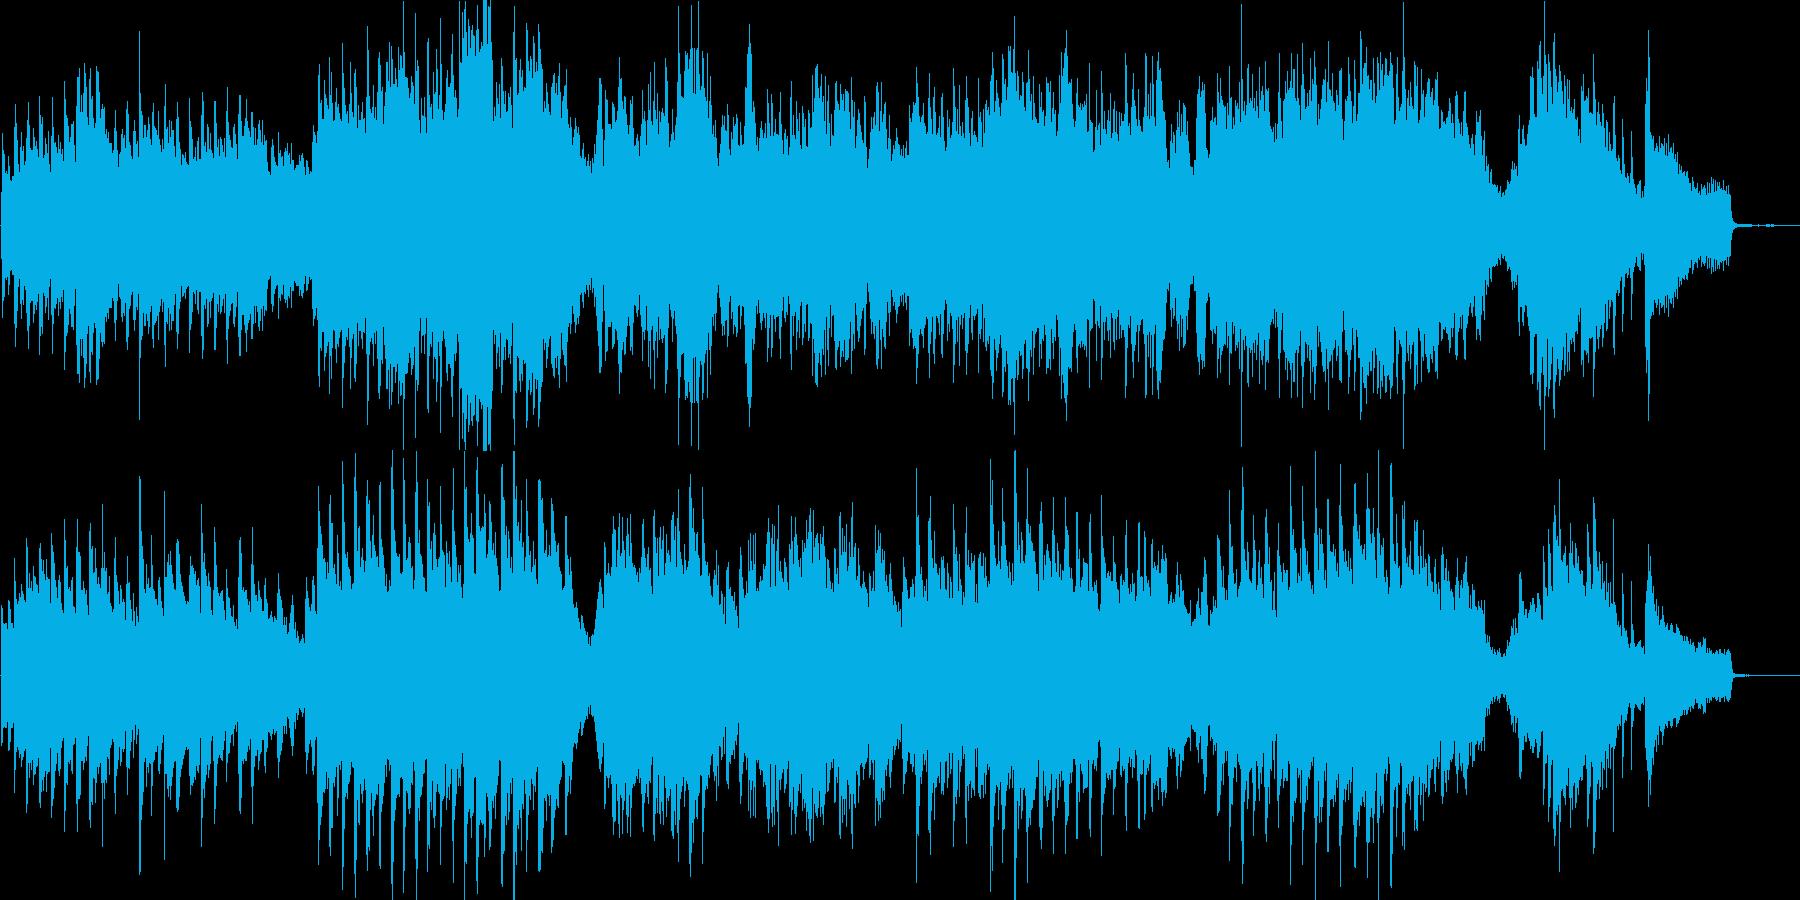 チェロとピアノの少し暗くて悲しげなBGMの再生済みの波形